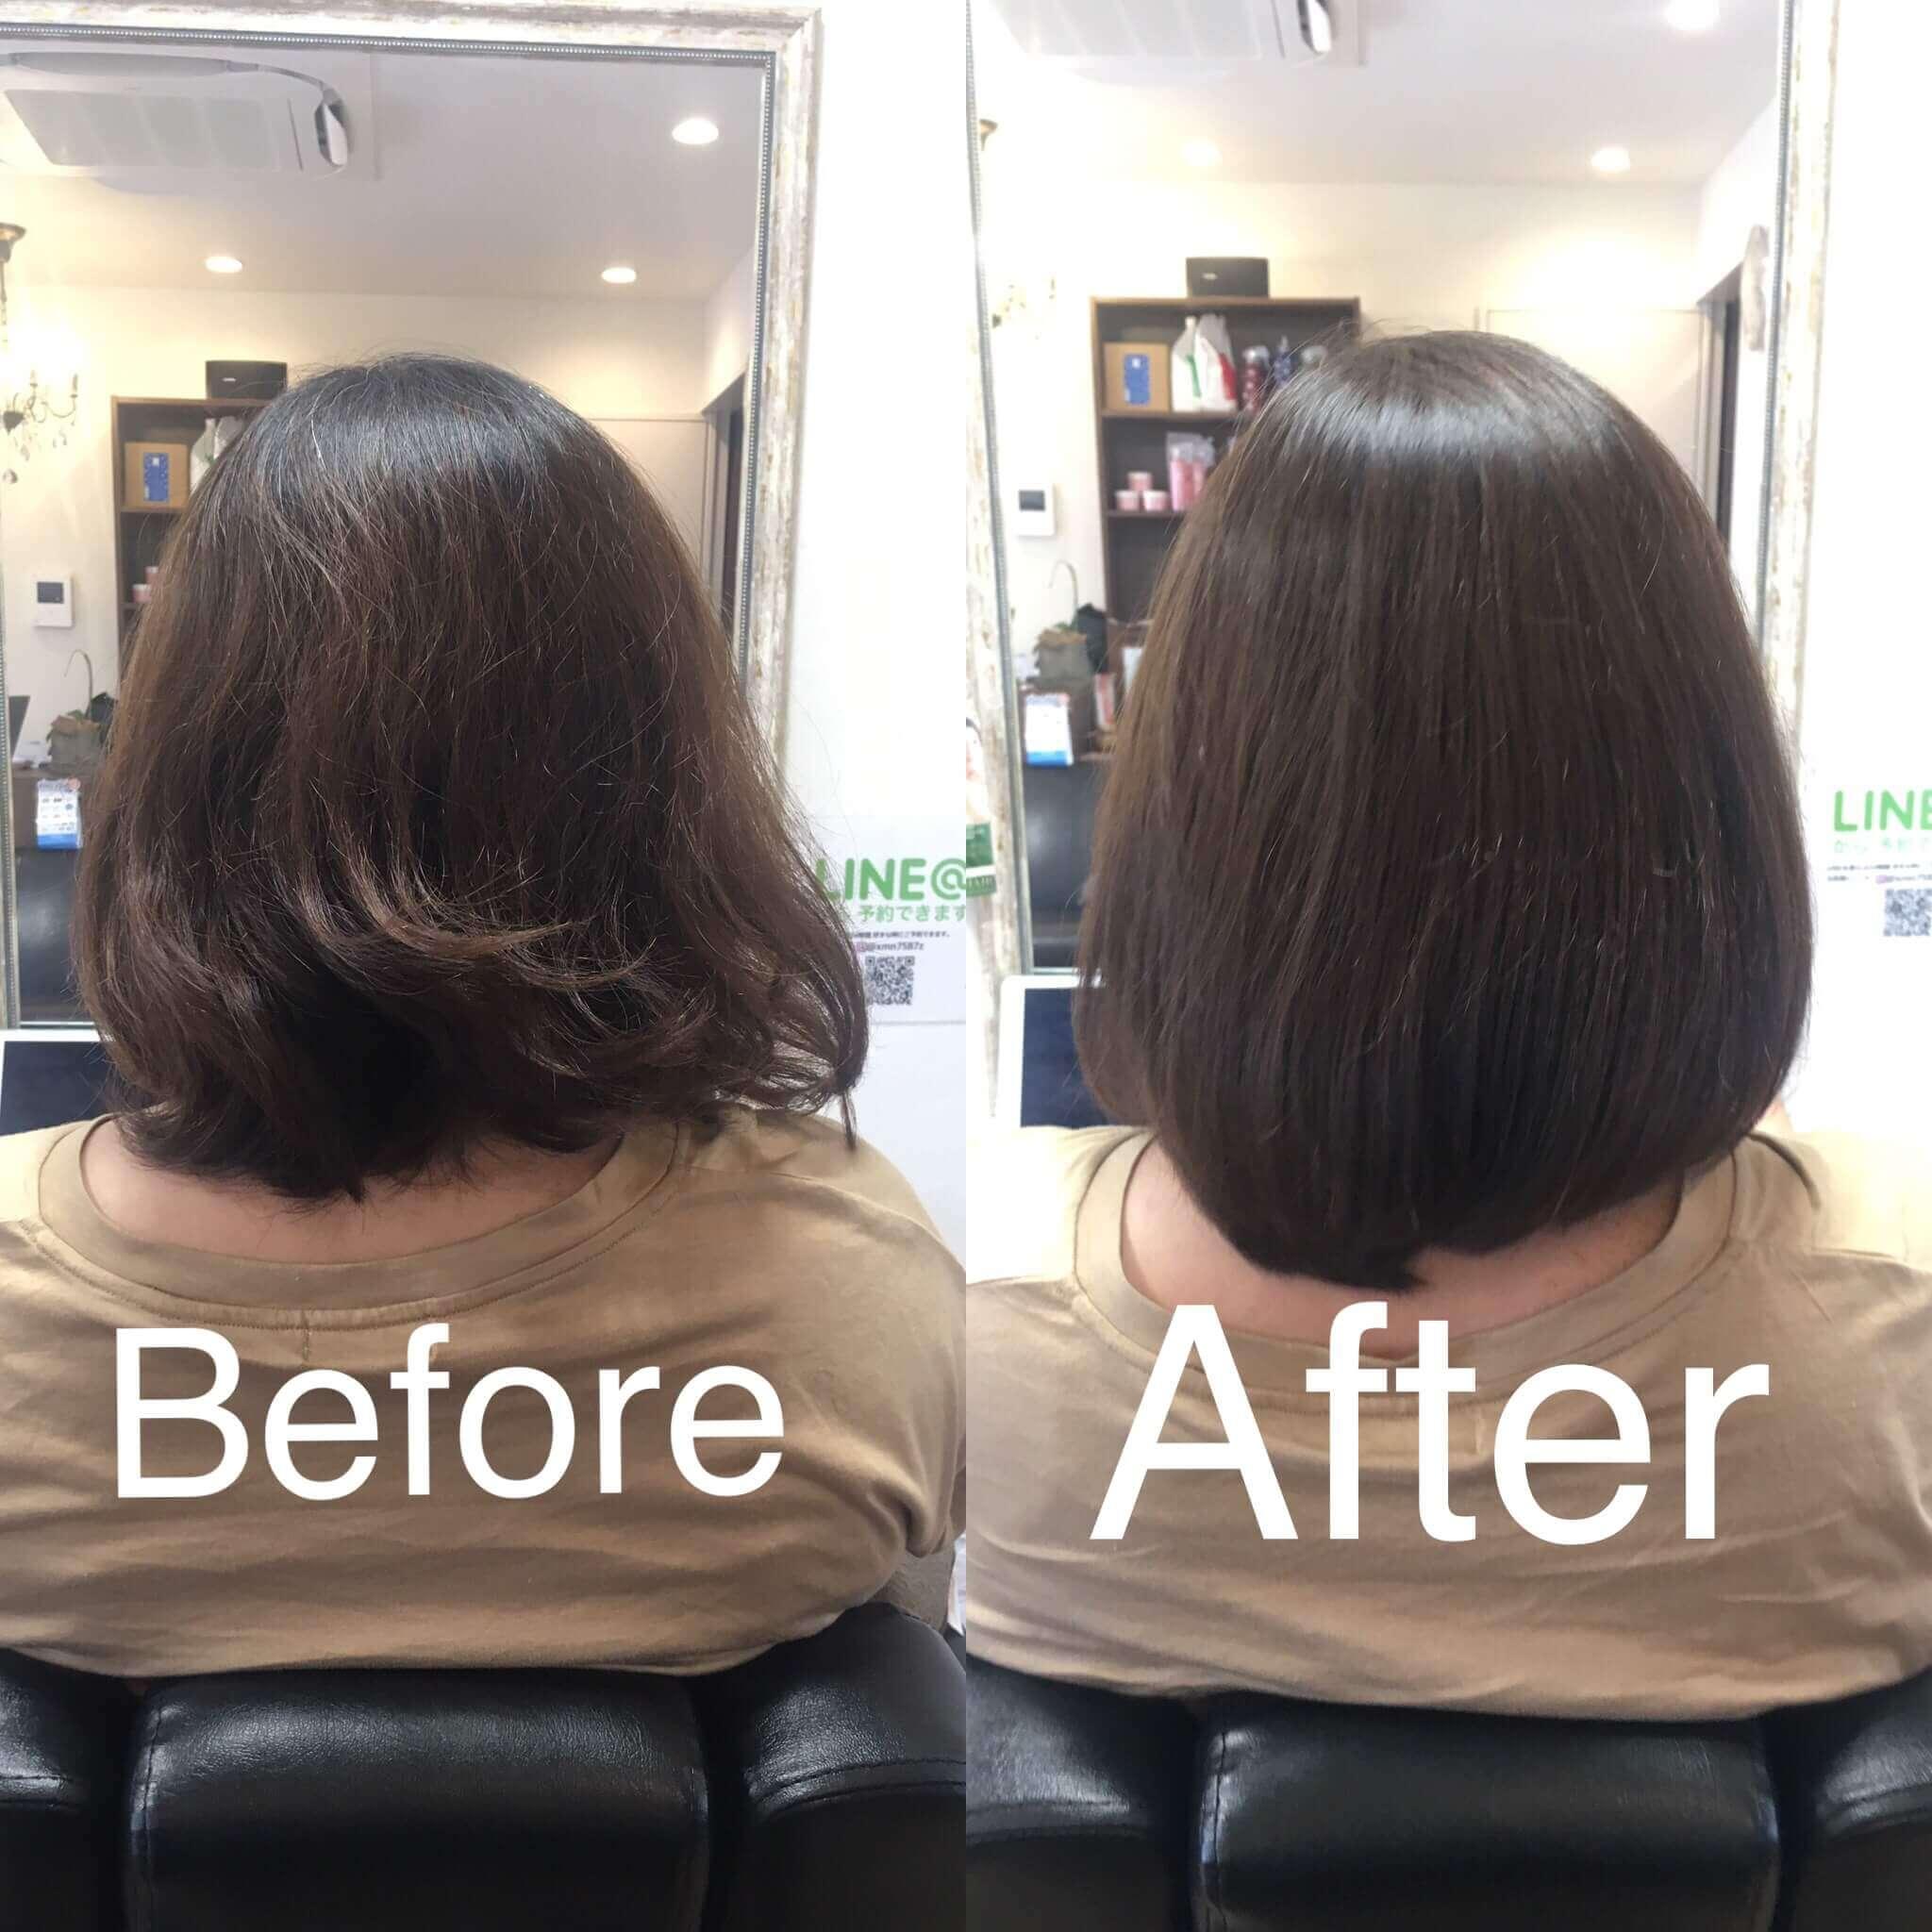 阿倍野の美容院(美容室)アトリ 縮毛矯正・髪質改善その4